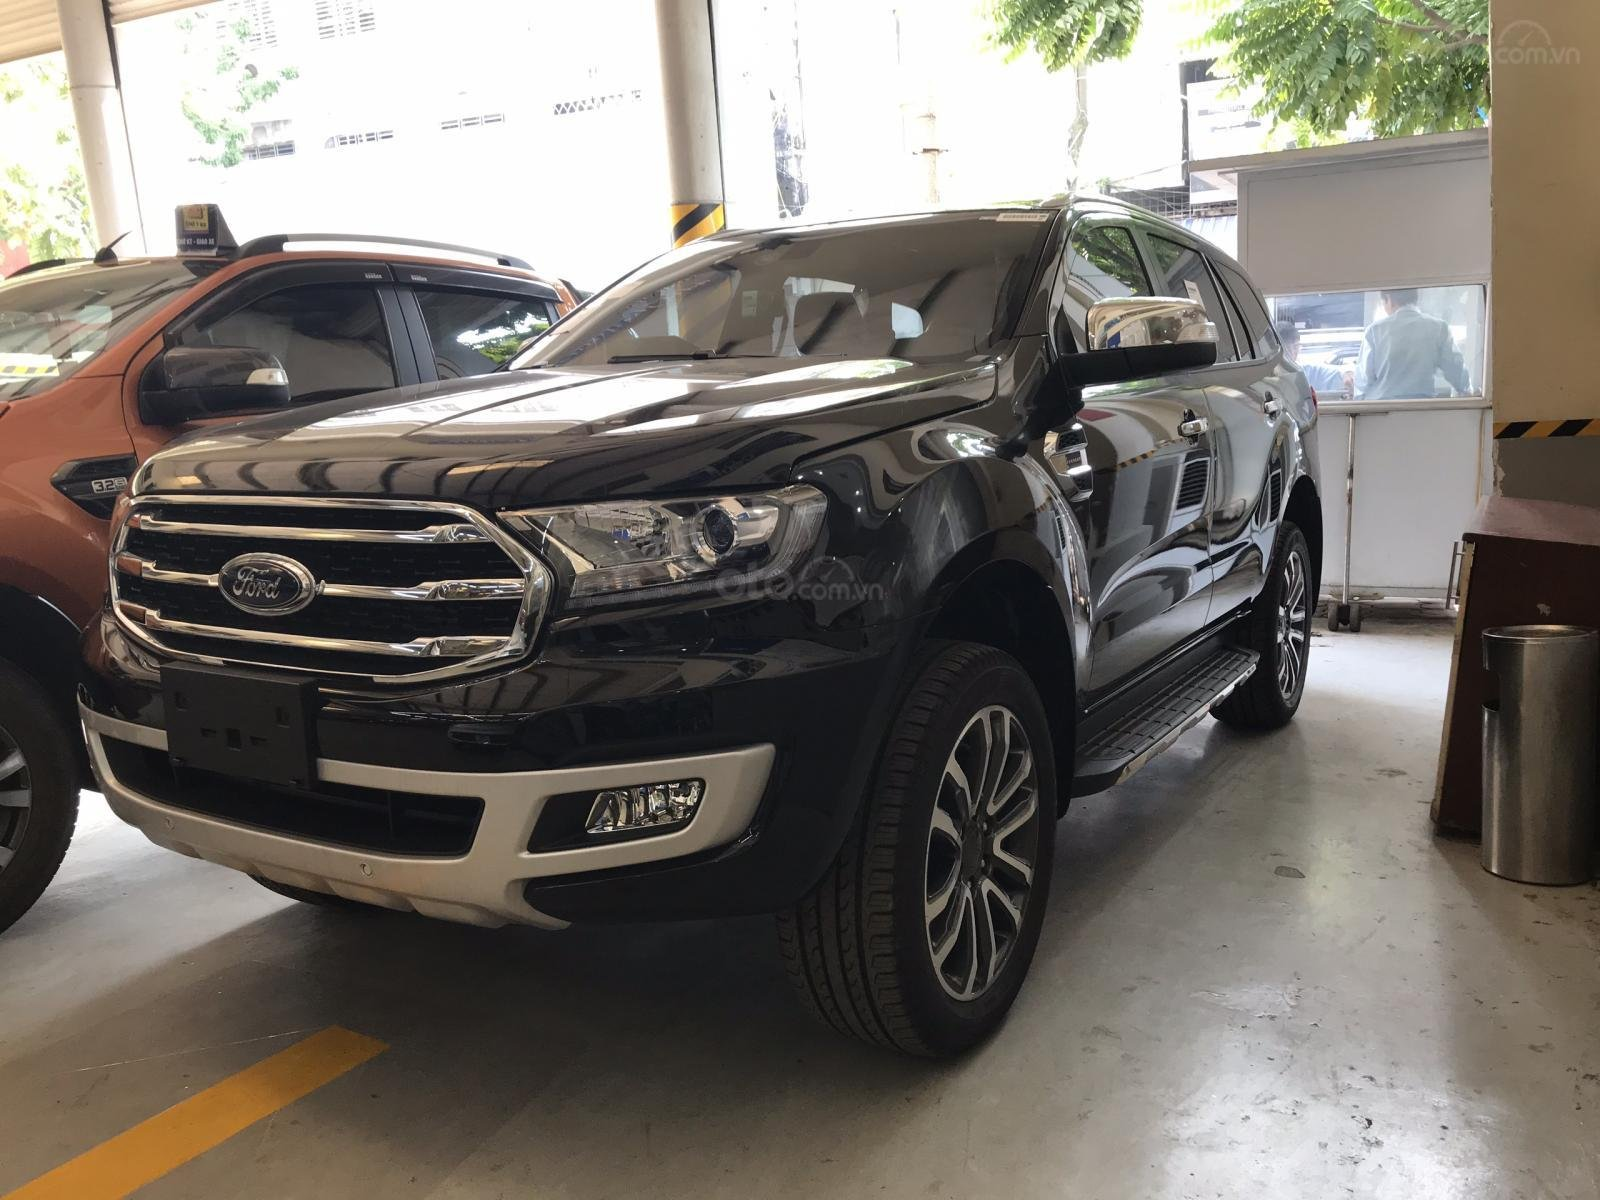 Ford Everest 4x2 Titanium, Bi-Turbo 2019 tặng BHVC phụ kiện, giao xe toàn quốc - Liên hệ ép giá: 0934.696.466 (2)